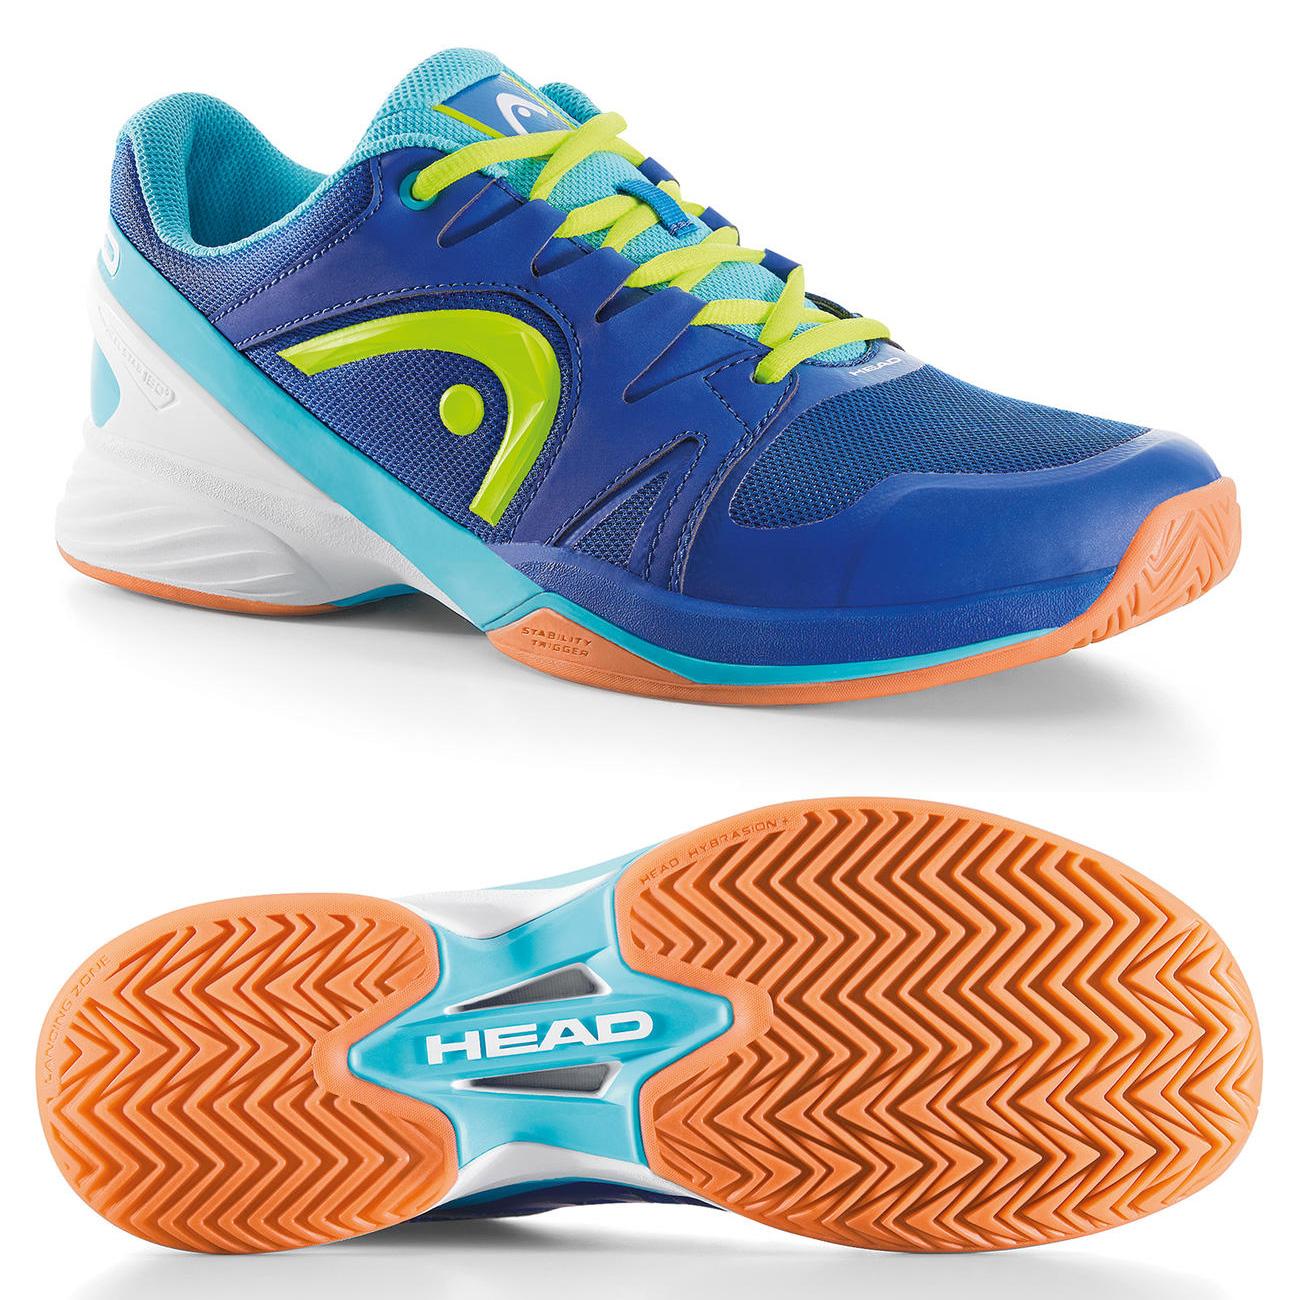 Head Nitro Pro Mens Indoor Court Shoes  9 UK